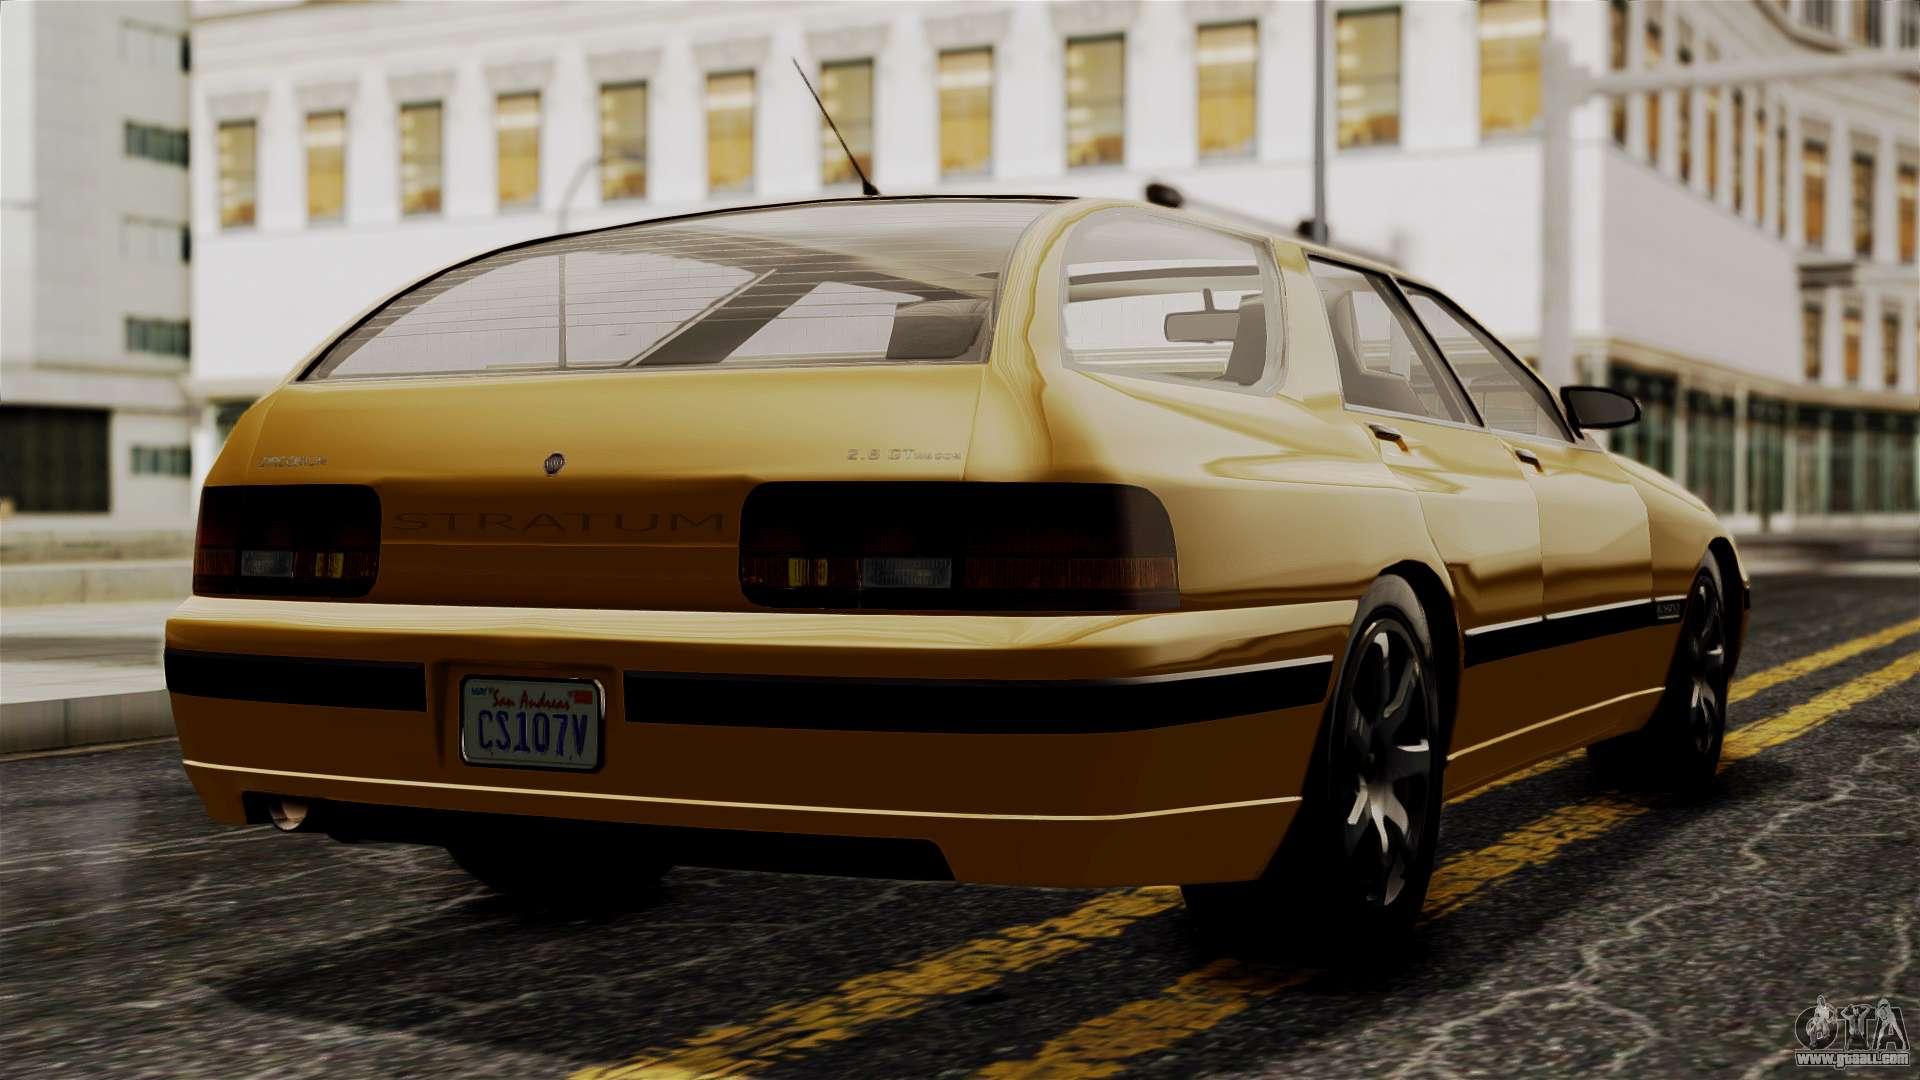 88 Koleksi Mod Mobil Stratum Gta Sa Gratis Terbaru